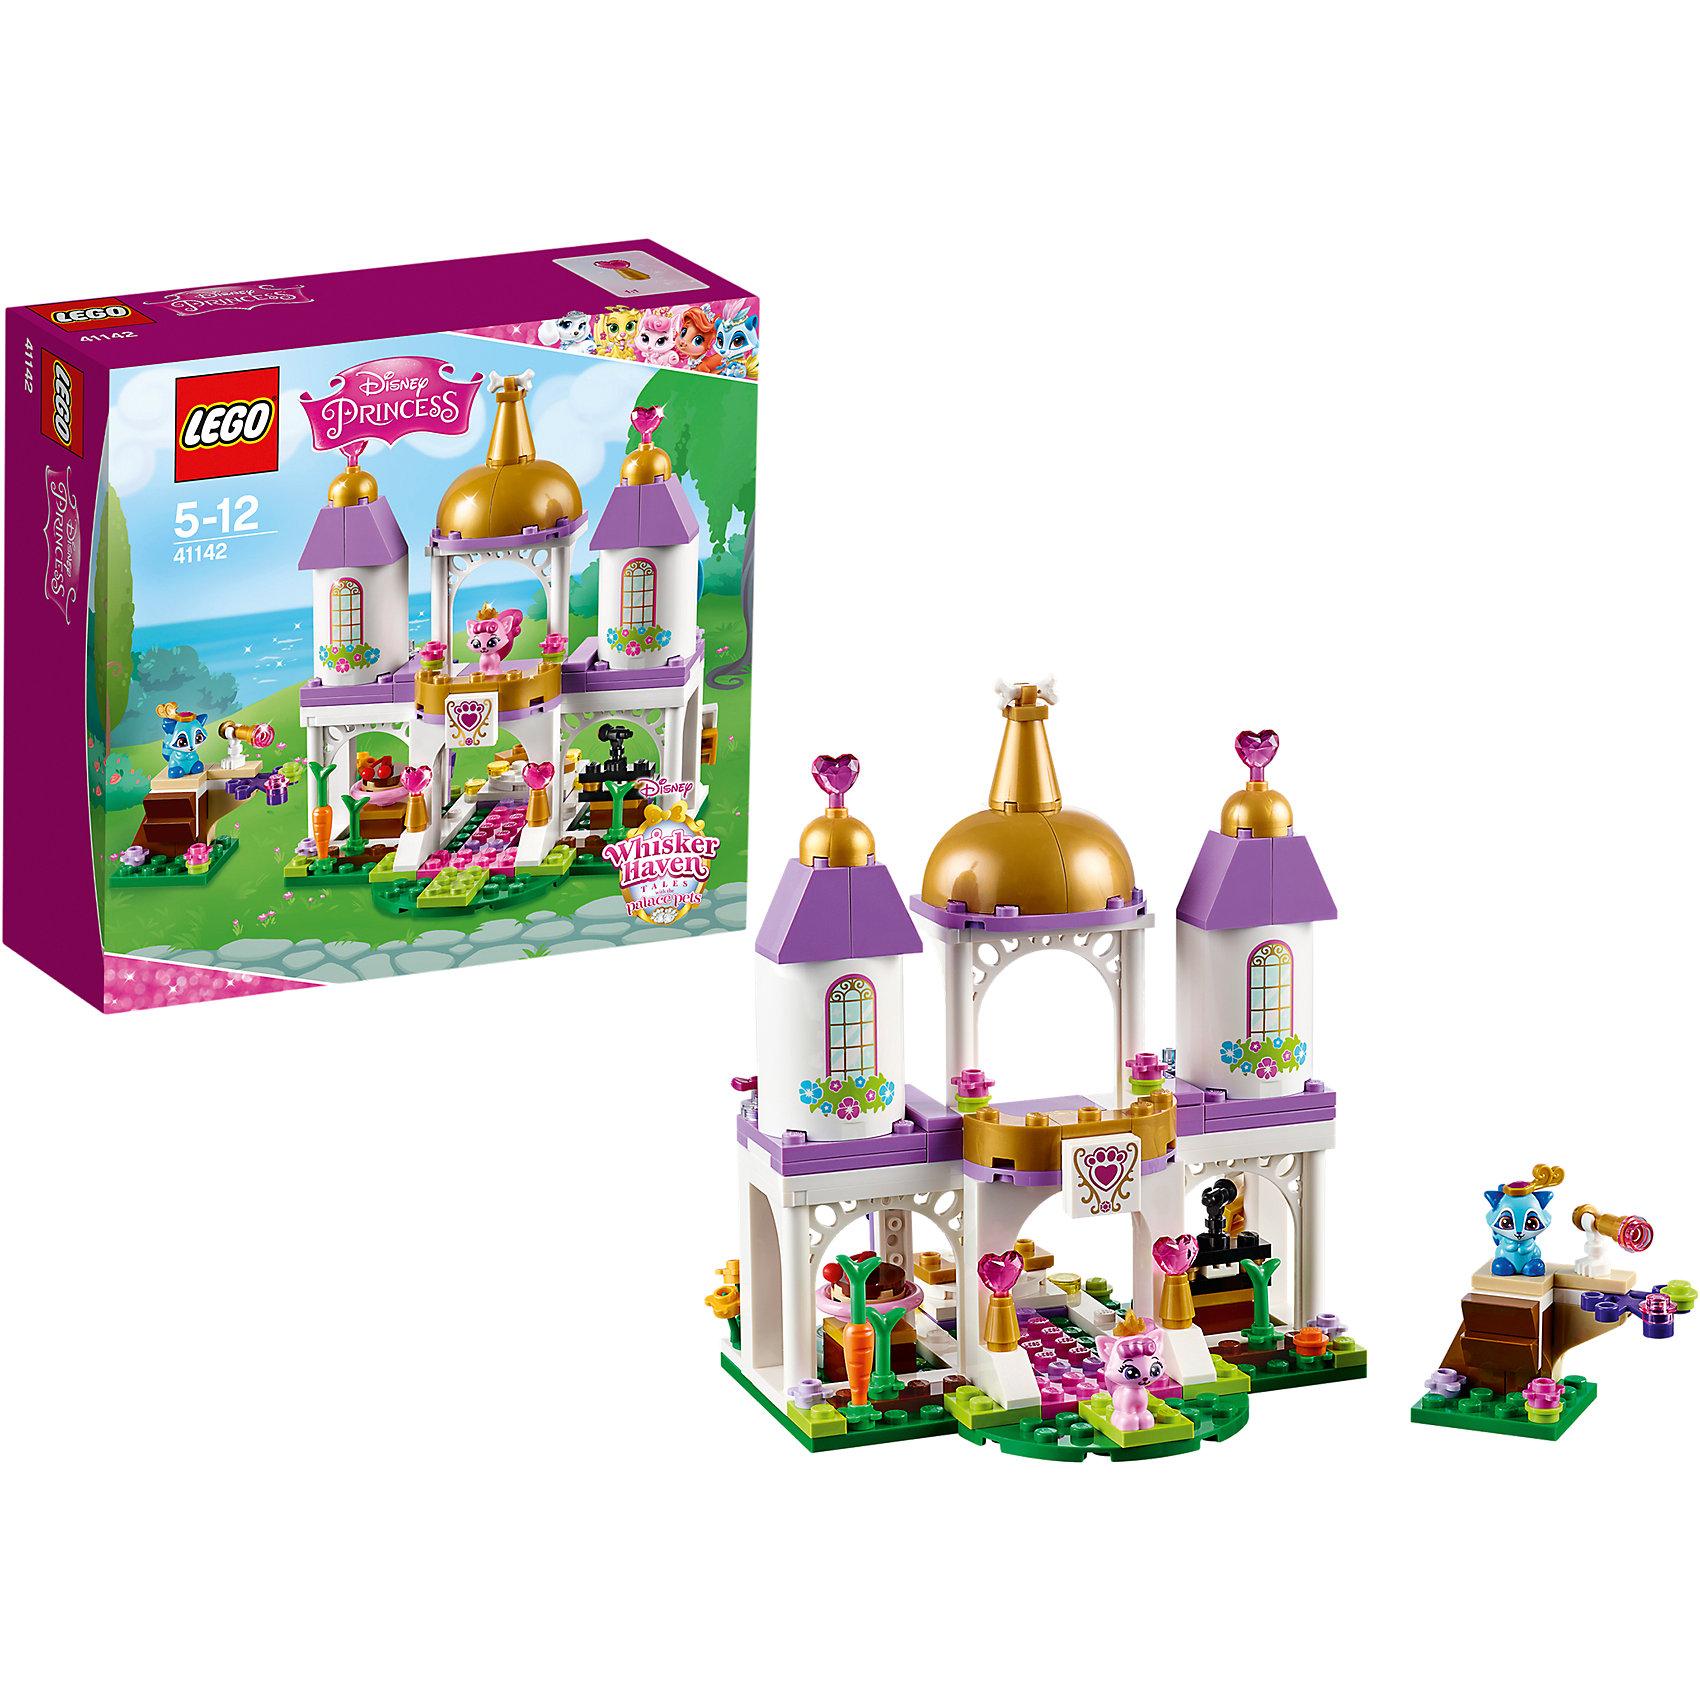 LEGO Disney Princesses 41142: Королевские питомцы: ЗамокLEGO Принцессы Дисней 41142: Королевские питомцы: Замок непременно понравится всем юным поклонницам диснеевских волшебных сказок. Из деталей набора можно собрать роскошный сказочный замок, где обитают любимые питомцы принцесс из диснеевских мультфильмов. Нарядный двухуровневый замок украшен тремя башенками с позолоченными верхушками, внутри несколько жилых комнат и смотровая площадка с подзорной трубой, откуда можно наблюдать за подъезжающими гостями. Их ждет роскошный прием и веселая вечеринка. Сыграй всем на фортепиано, а затем устрой танцы на вращающемся полу. В комплекте также аксессуары для проведения праздника (цветы и угощение) и две фигурки королевских питомцев - котёнок принцессы Авроры Милашка и енотик Покахонтас Василёк.<br><br>Серия конструкторов Lego Disney Princess создана специально для девочек и посвящена принцессам из мультфильмов Диснея. Наборы состоят из деталей необычных ярких расцветок, красивых миникуколок и множества сказочных аксессуаров.<br><br>Дополнительная информация:<br><br>- Игра с конструктором LEGO (ЛЕГО) развивает мелкую моторику ребенка, фантазию и воображение, учит его усидчивости и внимательности.<br>- Количество деталей: 186.<br>- Количество минифигур: 2 (котенок Милашка, енотик Василек).<br>- Серия: LEGO Disney Princess (ЛЕГО Принцессы Дисней).<br>- Материал: пластик.<br>- Размер упаковки: 20,5 х 7,3 х 19,1 см.<br>- Вес: 0,311 кг.<br><br>LEGO Принцессы Дисней 41142: Королевские питомцы: Замок можно купить в нашем интернет-магазине.<br><br>Ширина мм: 194<br>Глубина мм: 200<br>Высота мм: 76<br>Вес г: 304<br>Возраст от месяцев: 60<br>Возраст до месяцев: 144<br>Пол: Женский<br>Возраст: Детский<br>SKU: 4259090